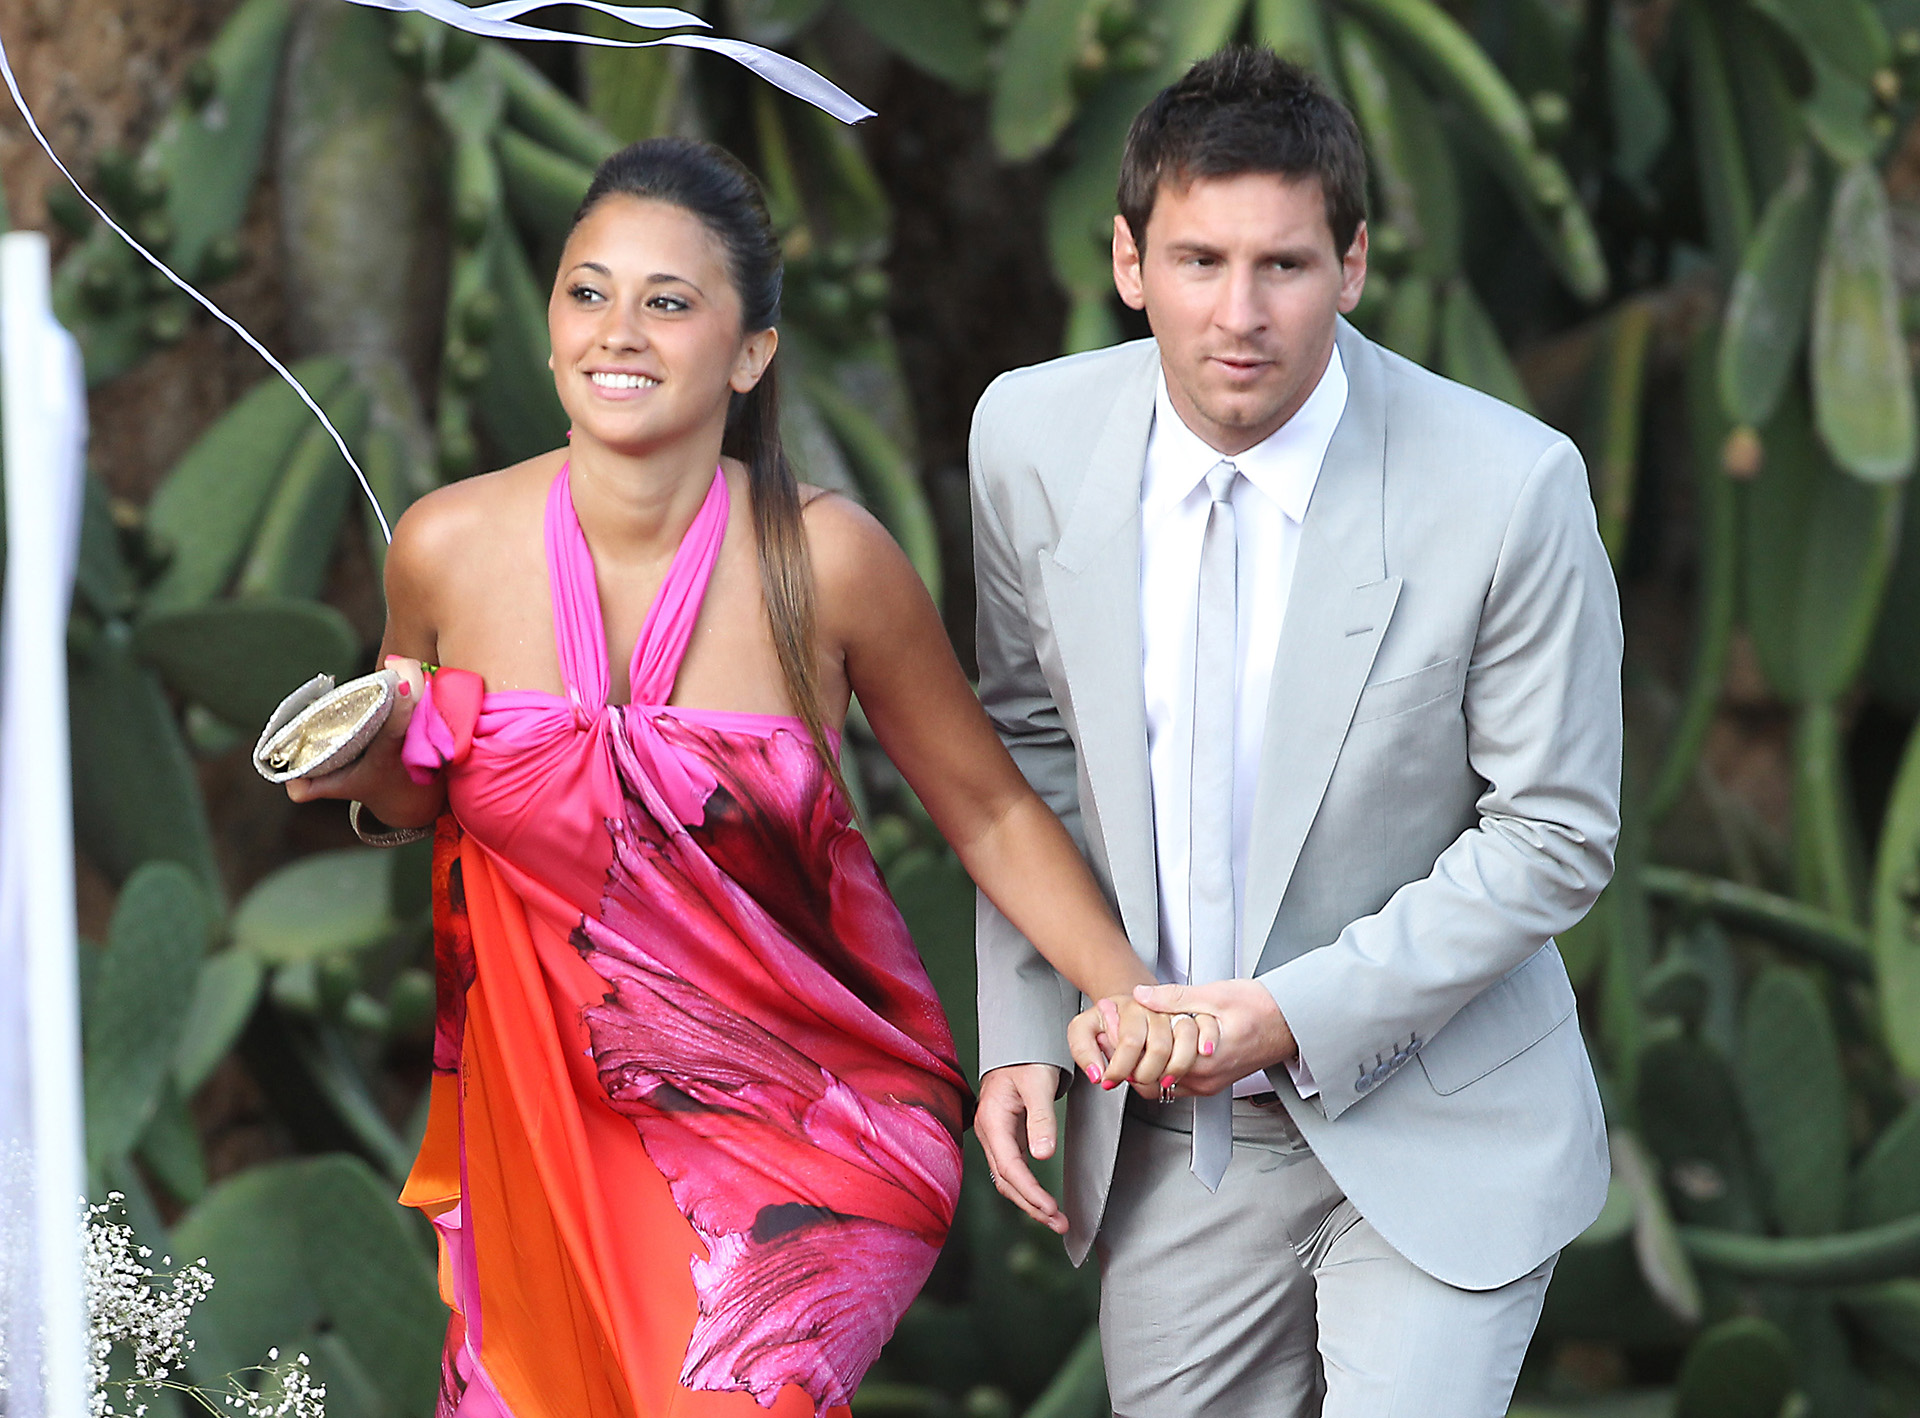 Año 2012. Lío y Antonela se iban a convertir en familia. Juntos y felices se mostraron en la boda de Andrés Iniesta y Anna Ortiz en Tarragona